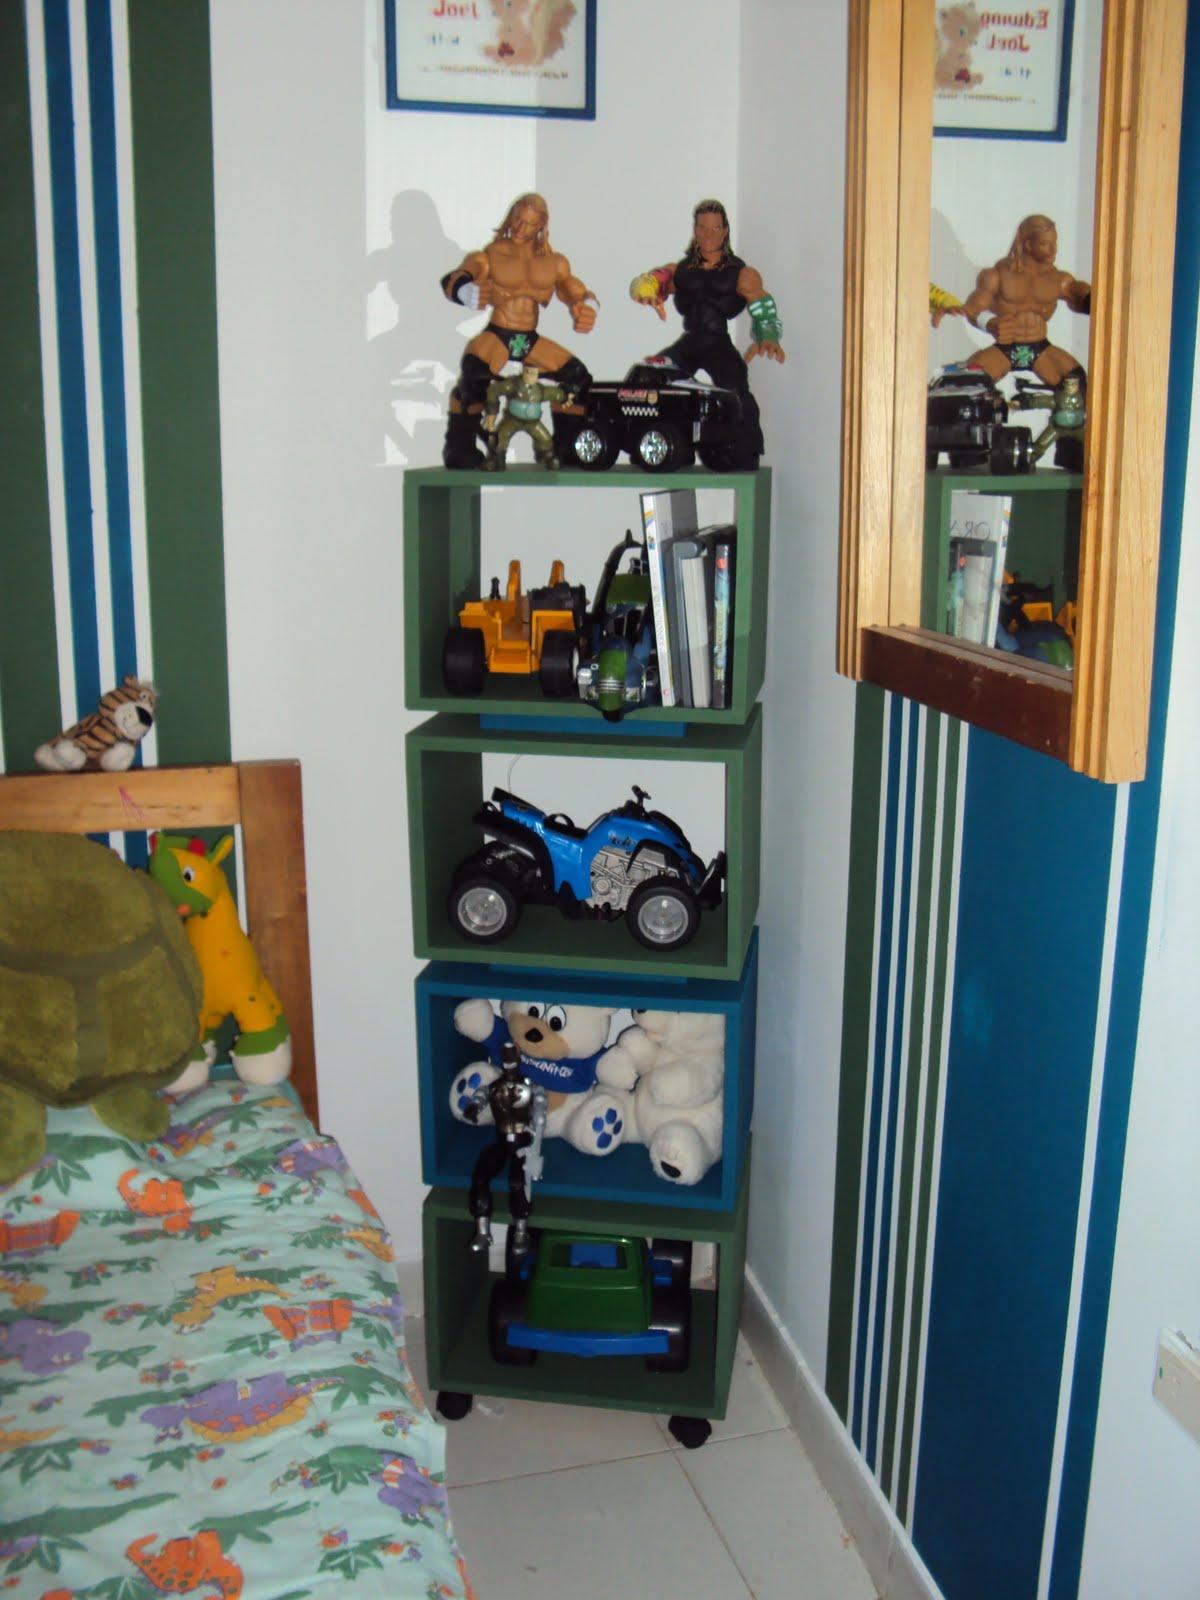 gustarte decoracion decoracion deco hogar